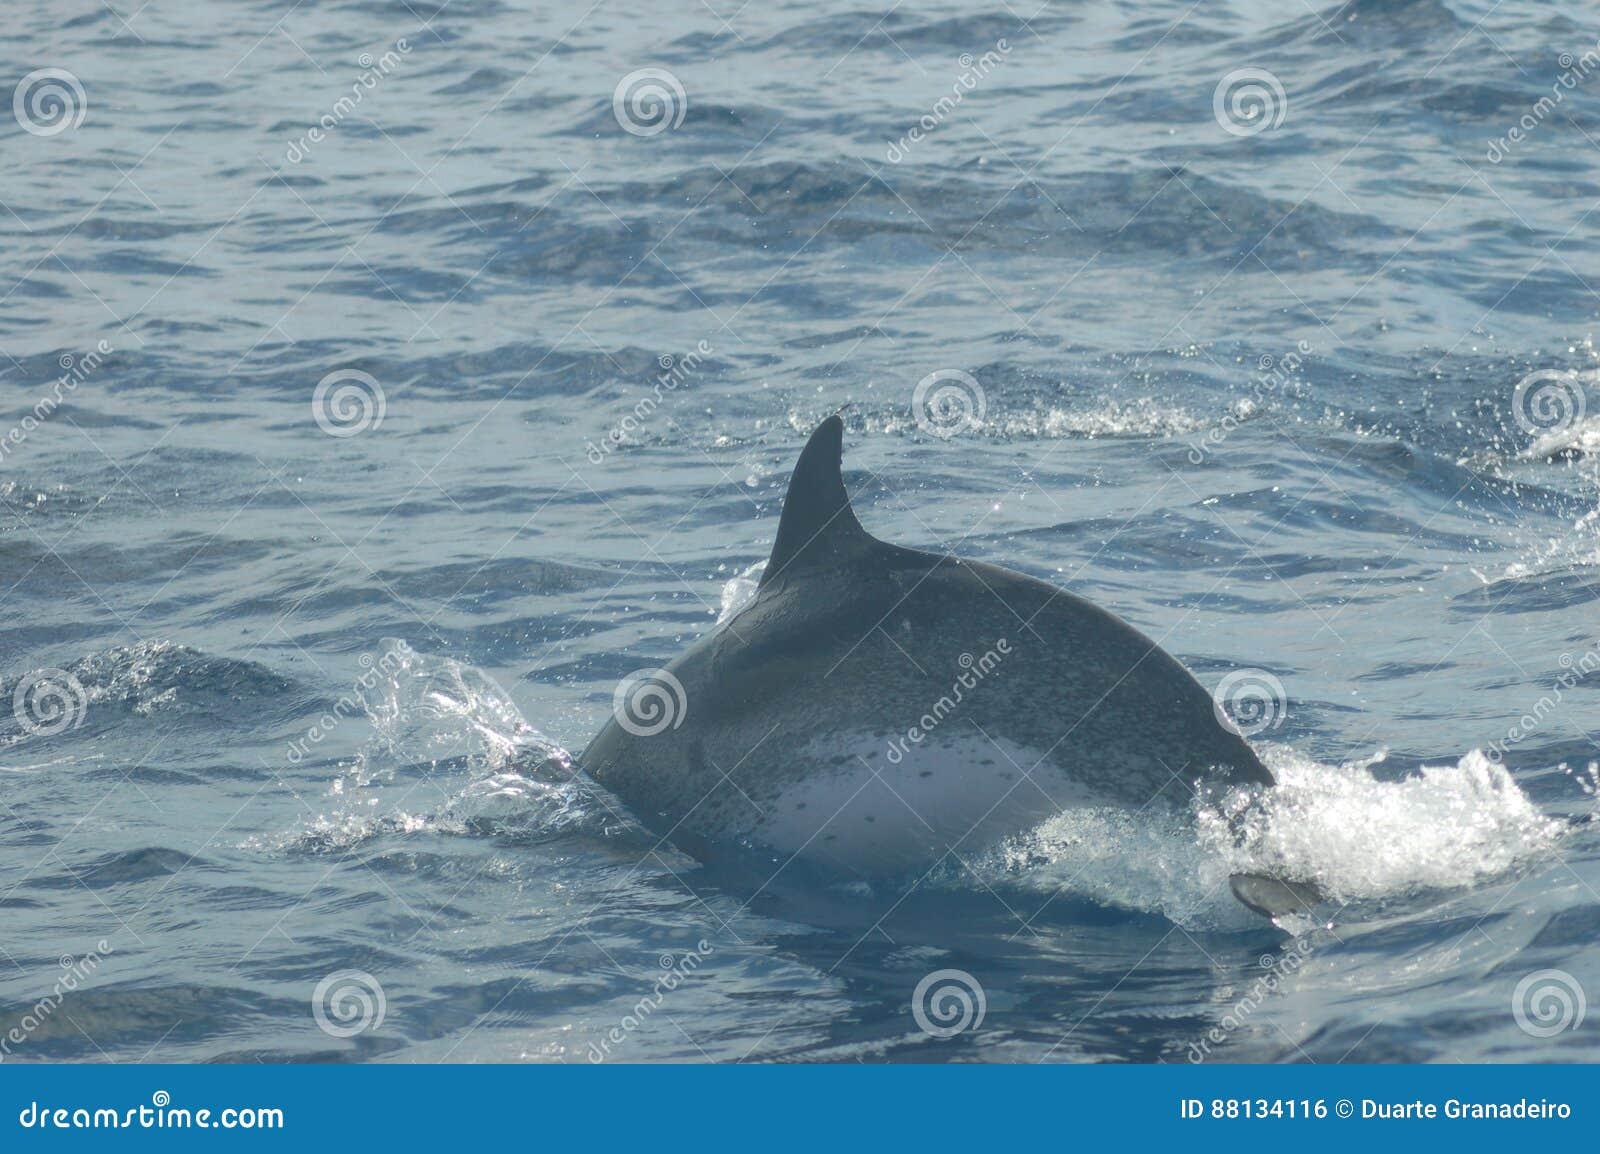 Die Schönheit von den Salzwasserdelphinen, die im Atlantik spielen